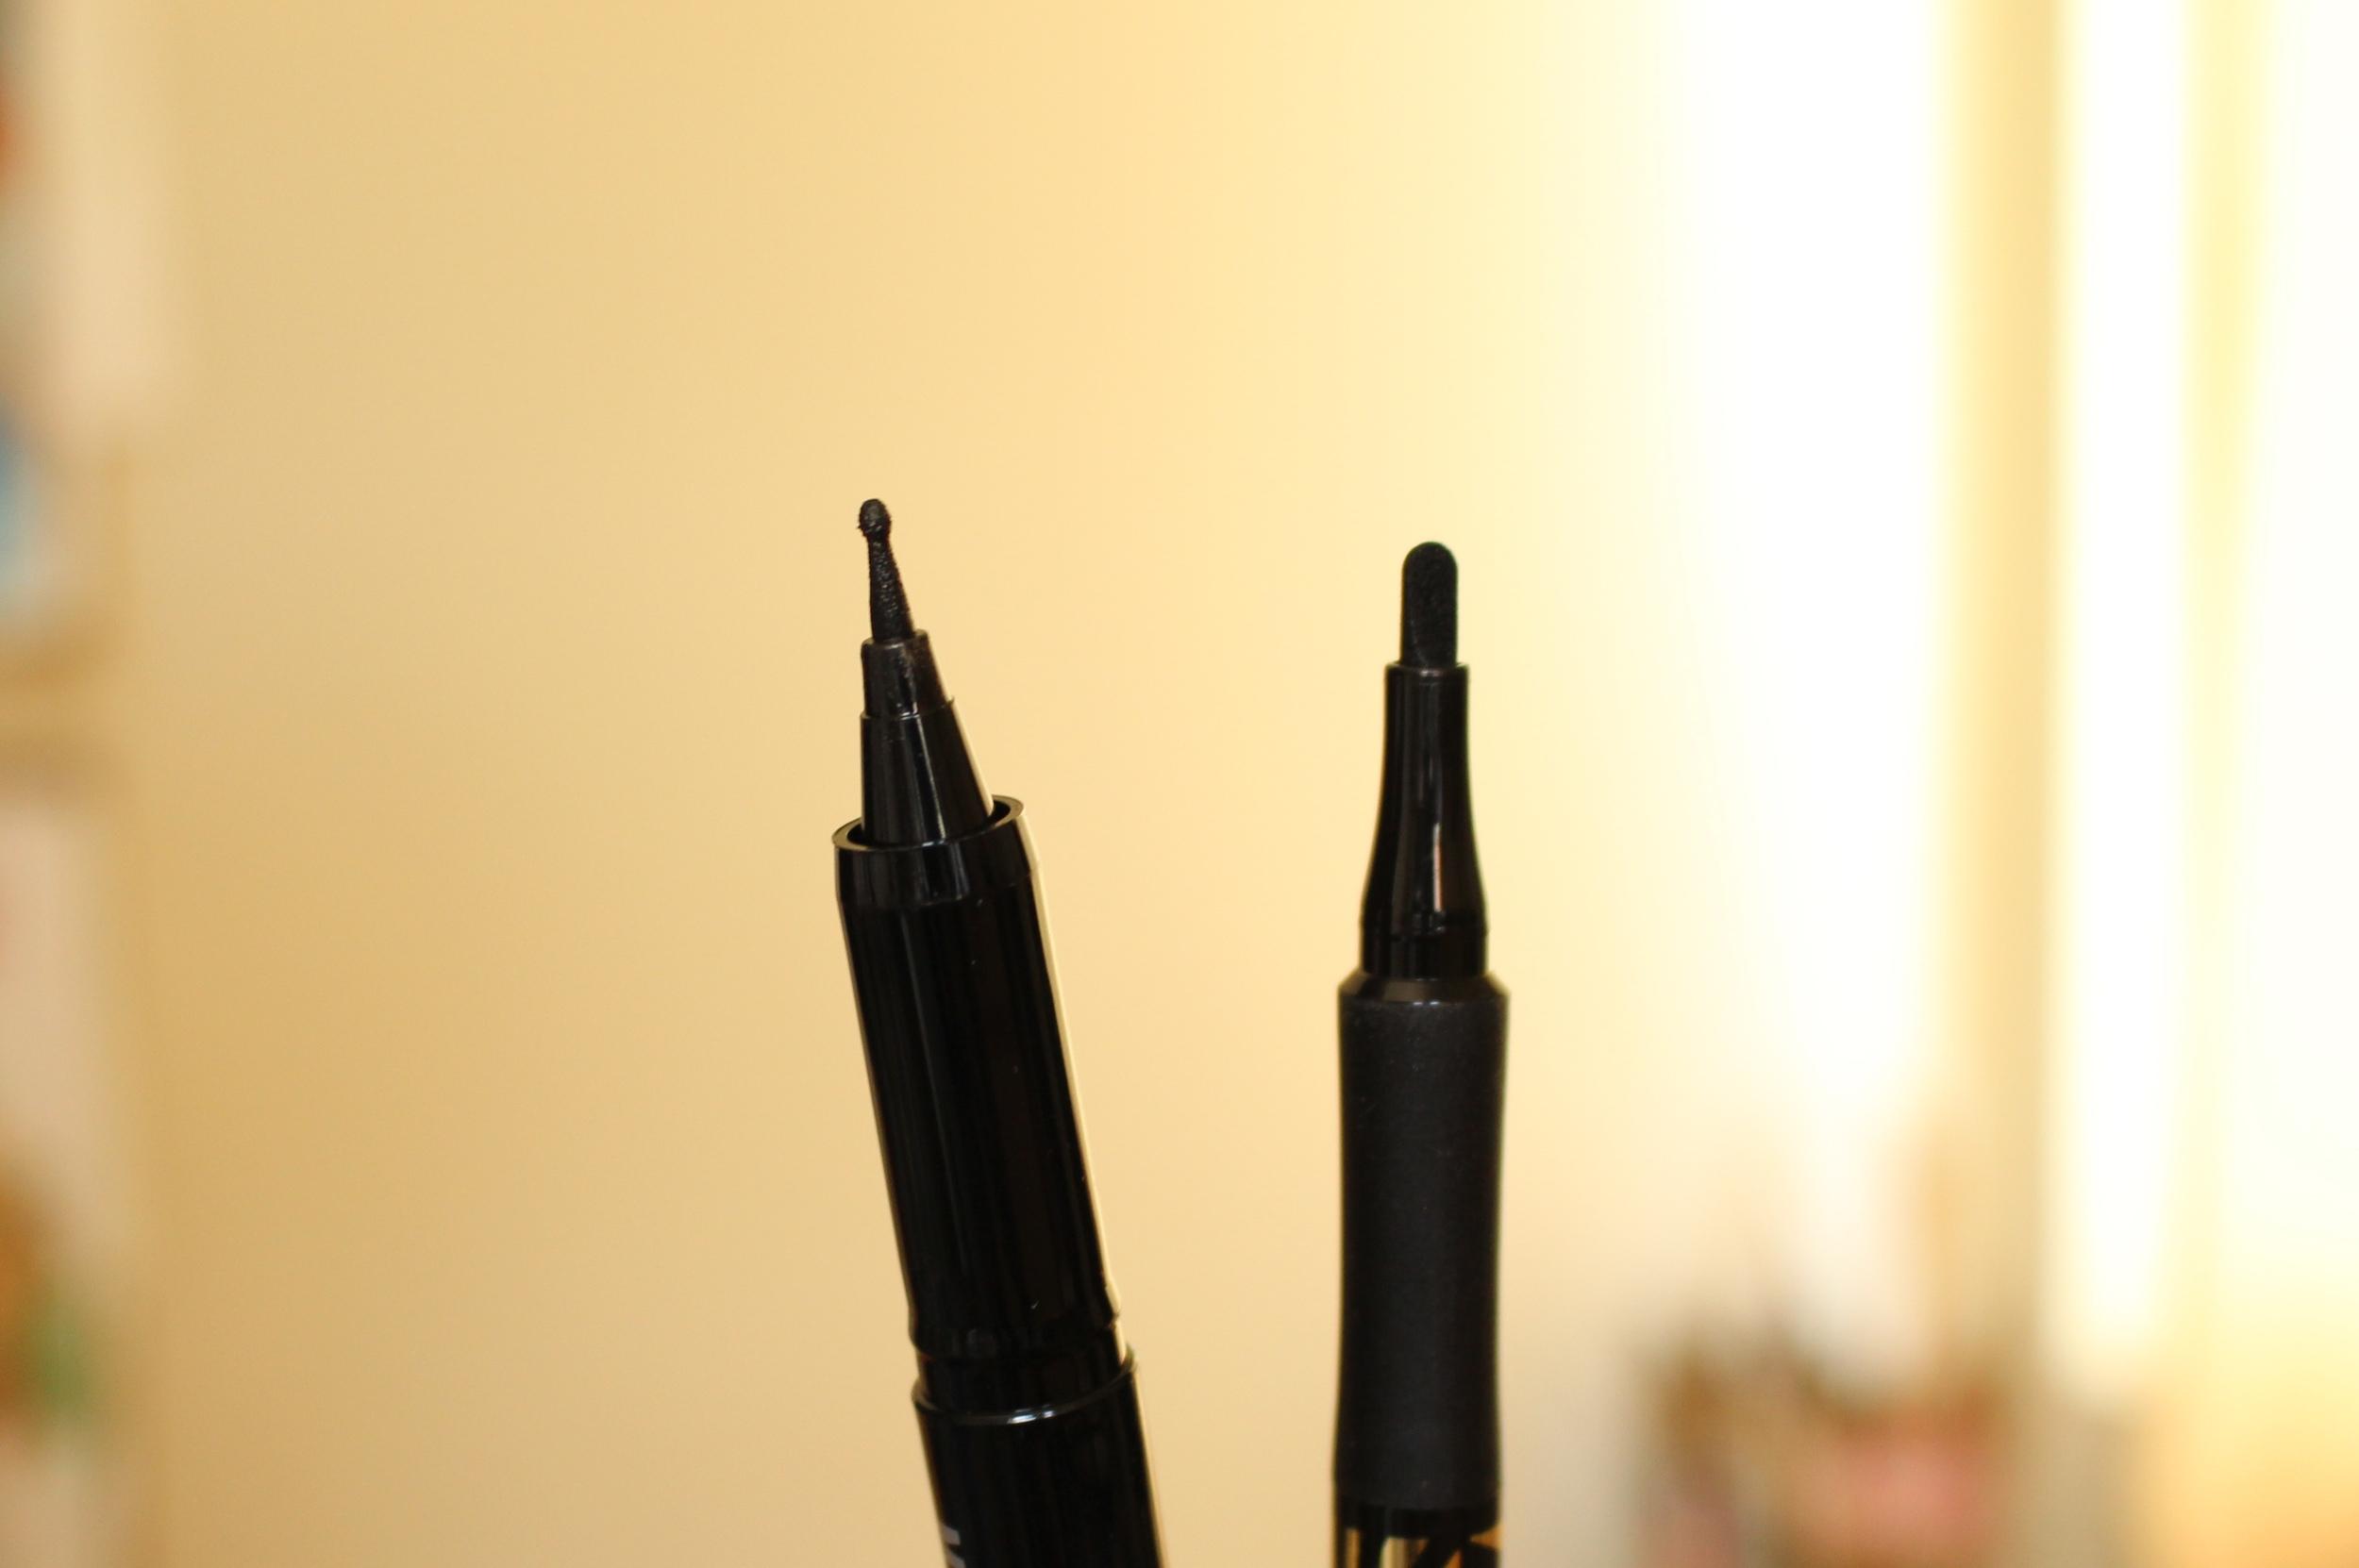 Left: Holika Holika Magic Pole Eyeliner, Right: Masx Factor Masterpiece Liner